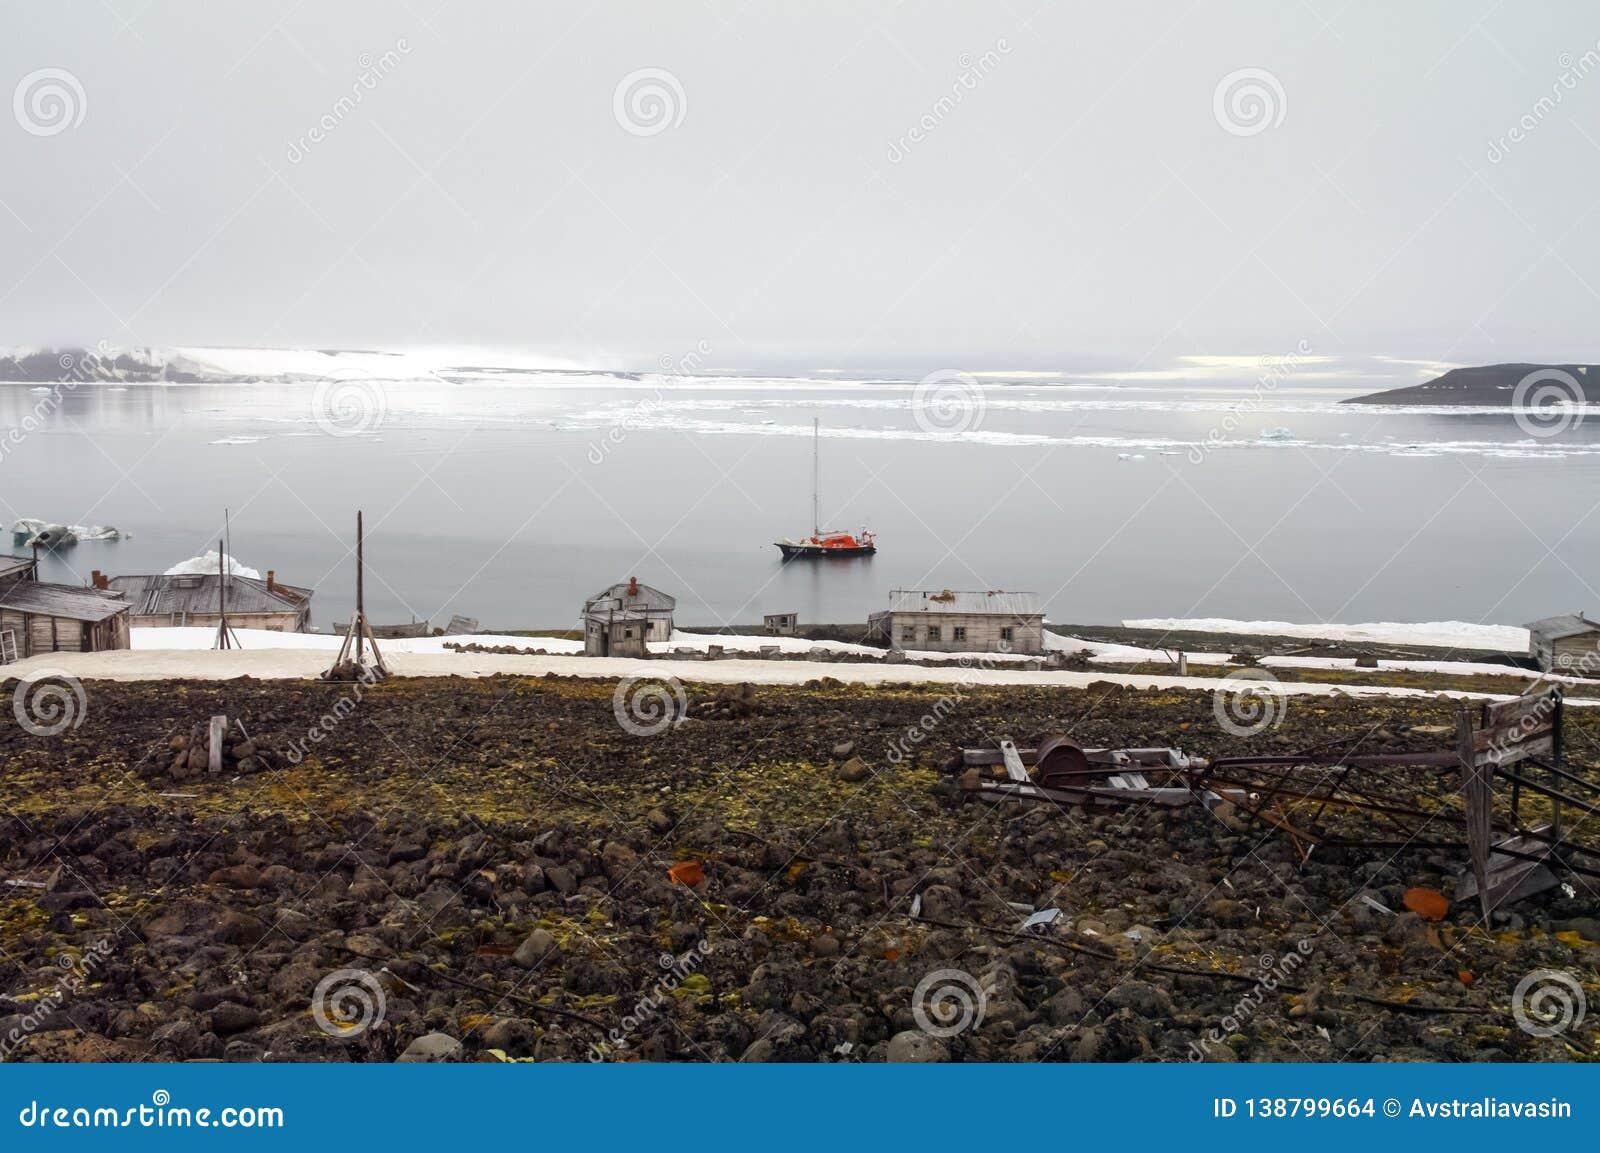 北极远征的船在北冰洋的水域中